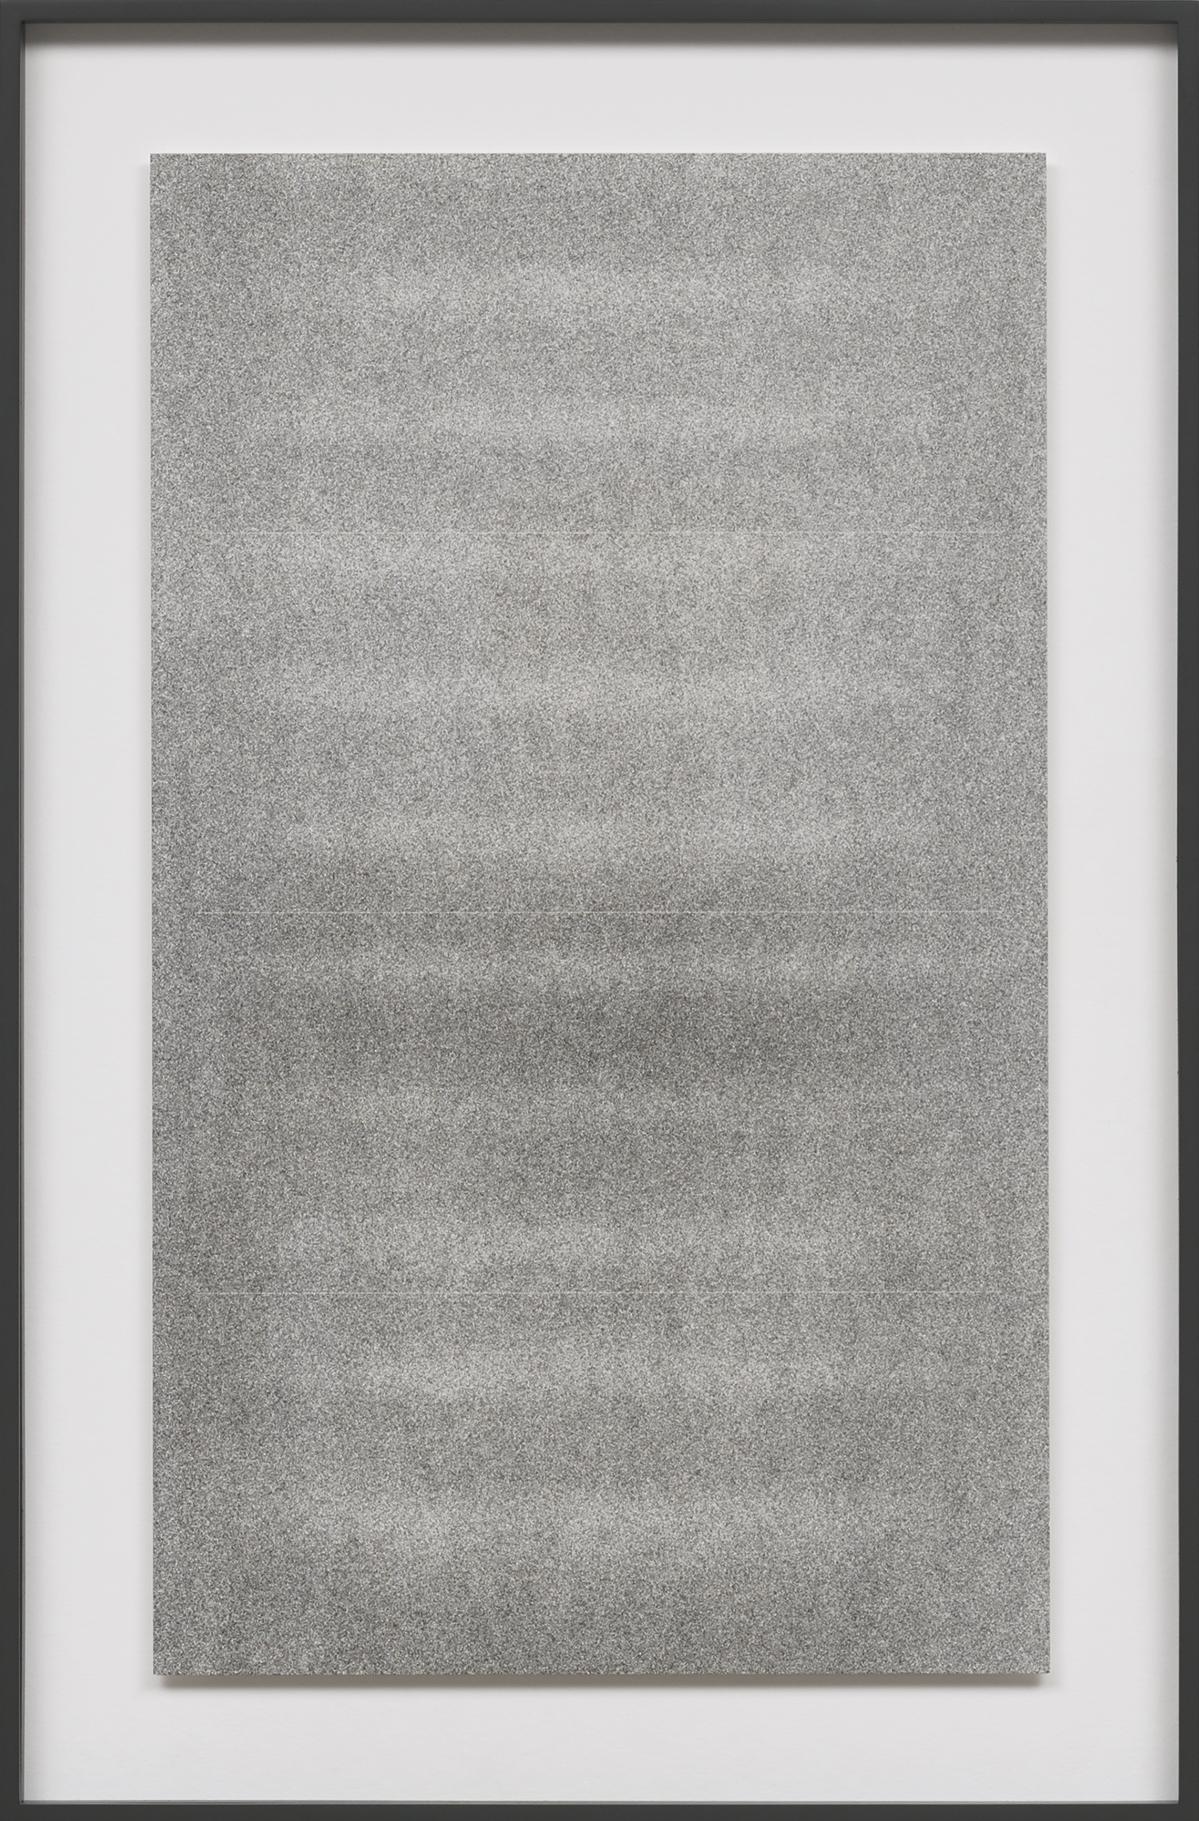 Conrad Müller, Ohne Titel (Grau II), 2018, Pigmentprint, 56 x 33 cm 1:5 + 2 AP